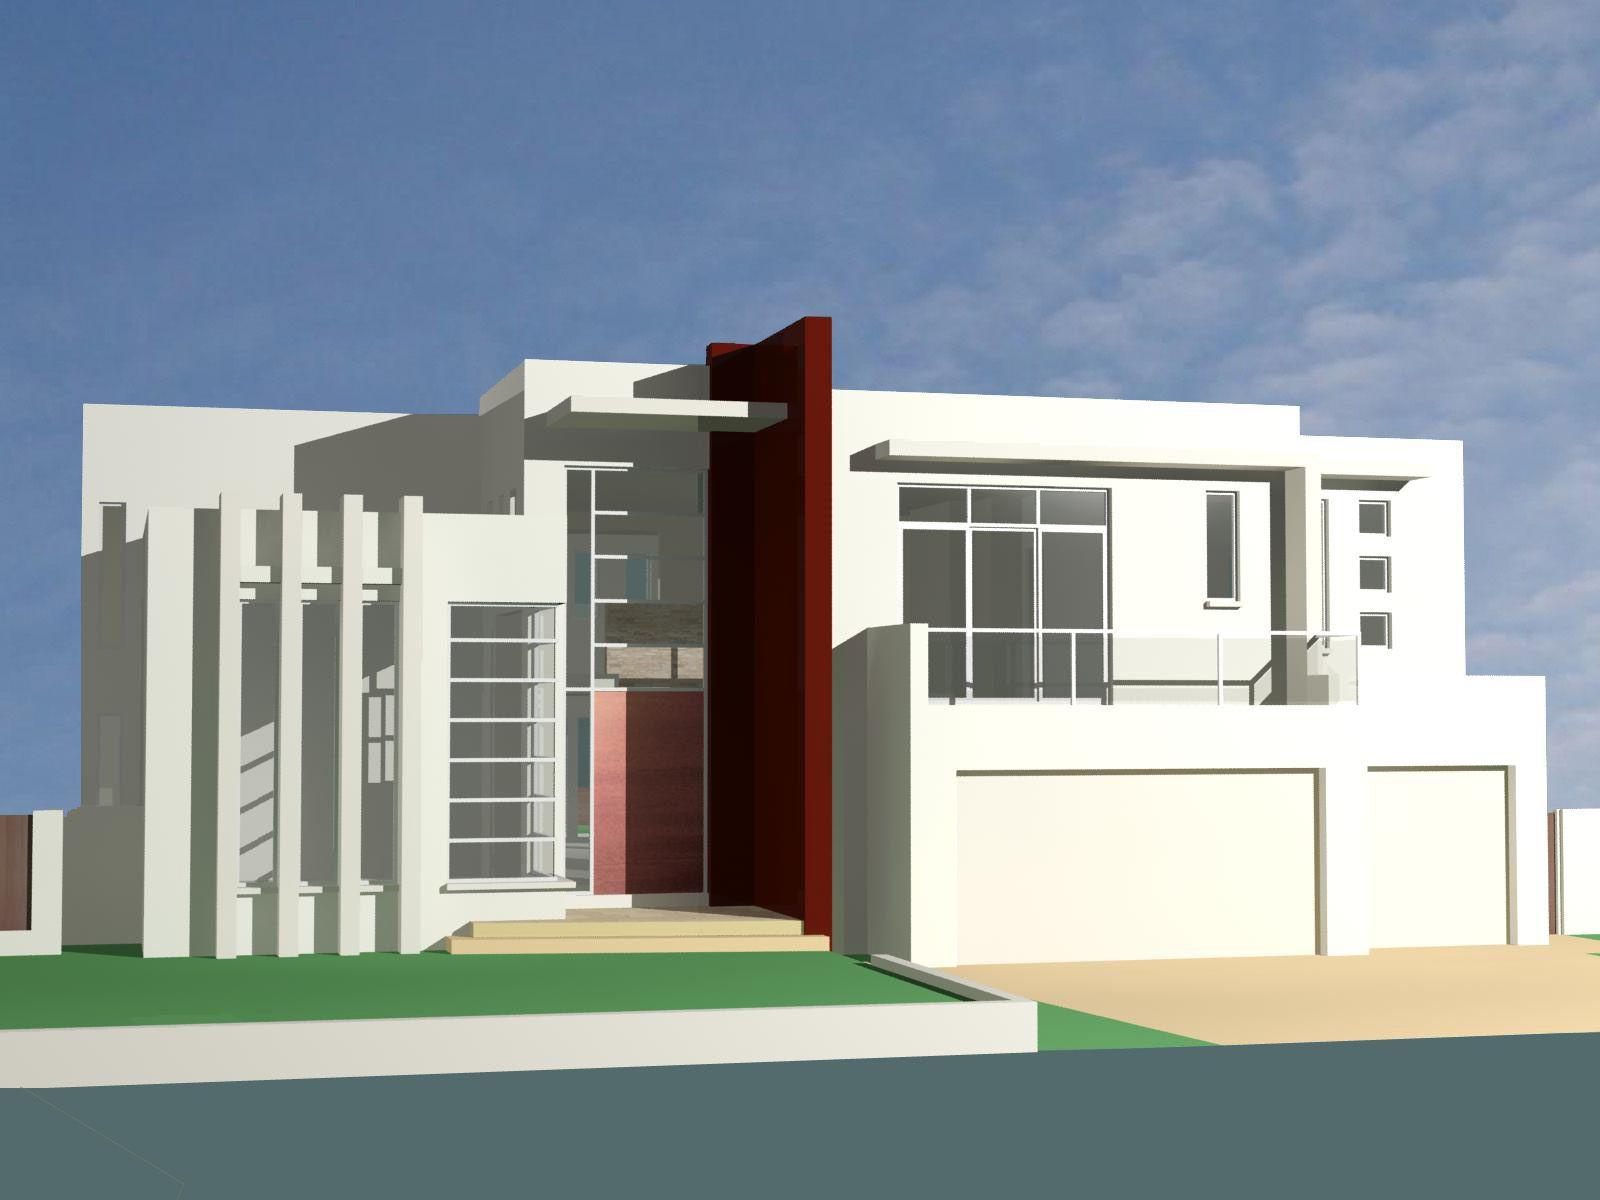 Home design 3d home design advisor - Hgtv home design software user manual ...